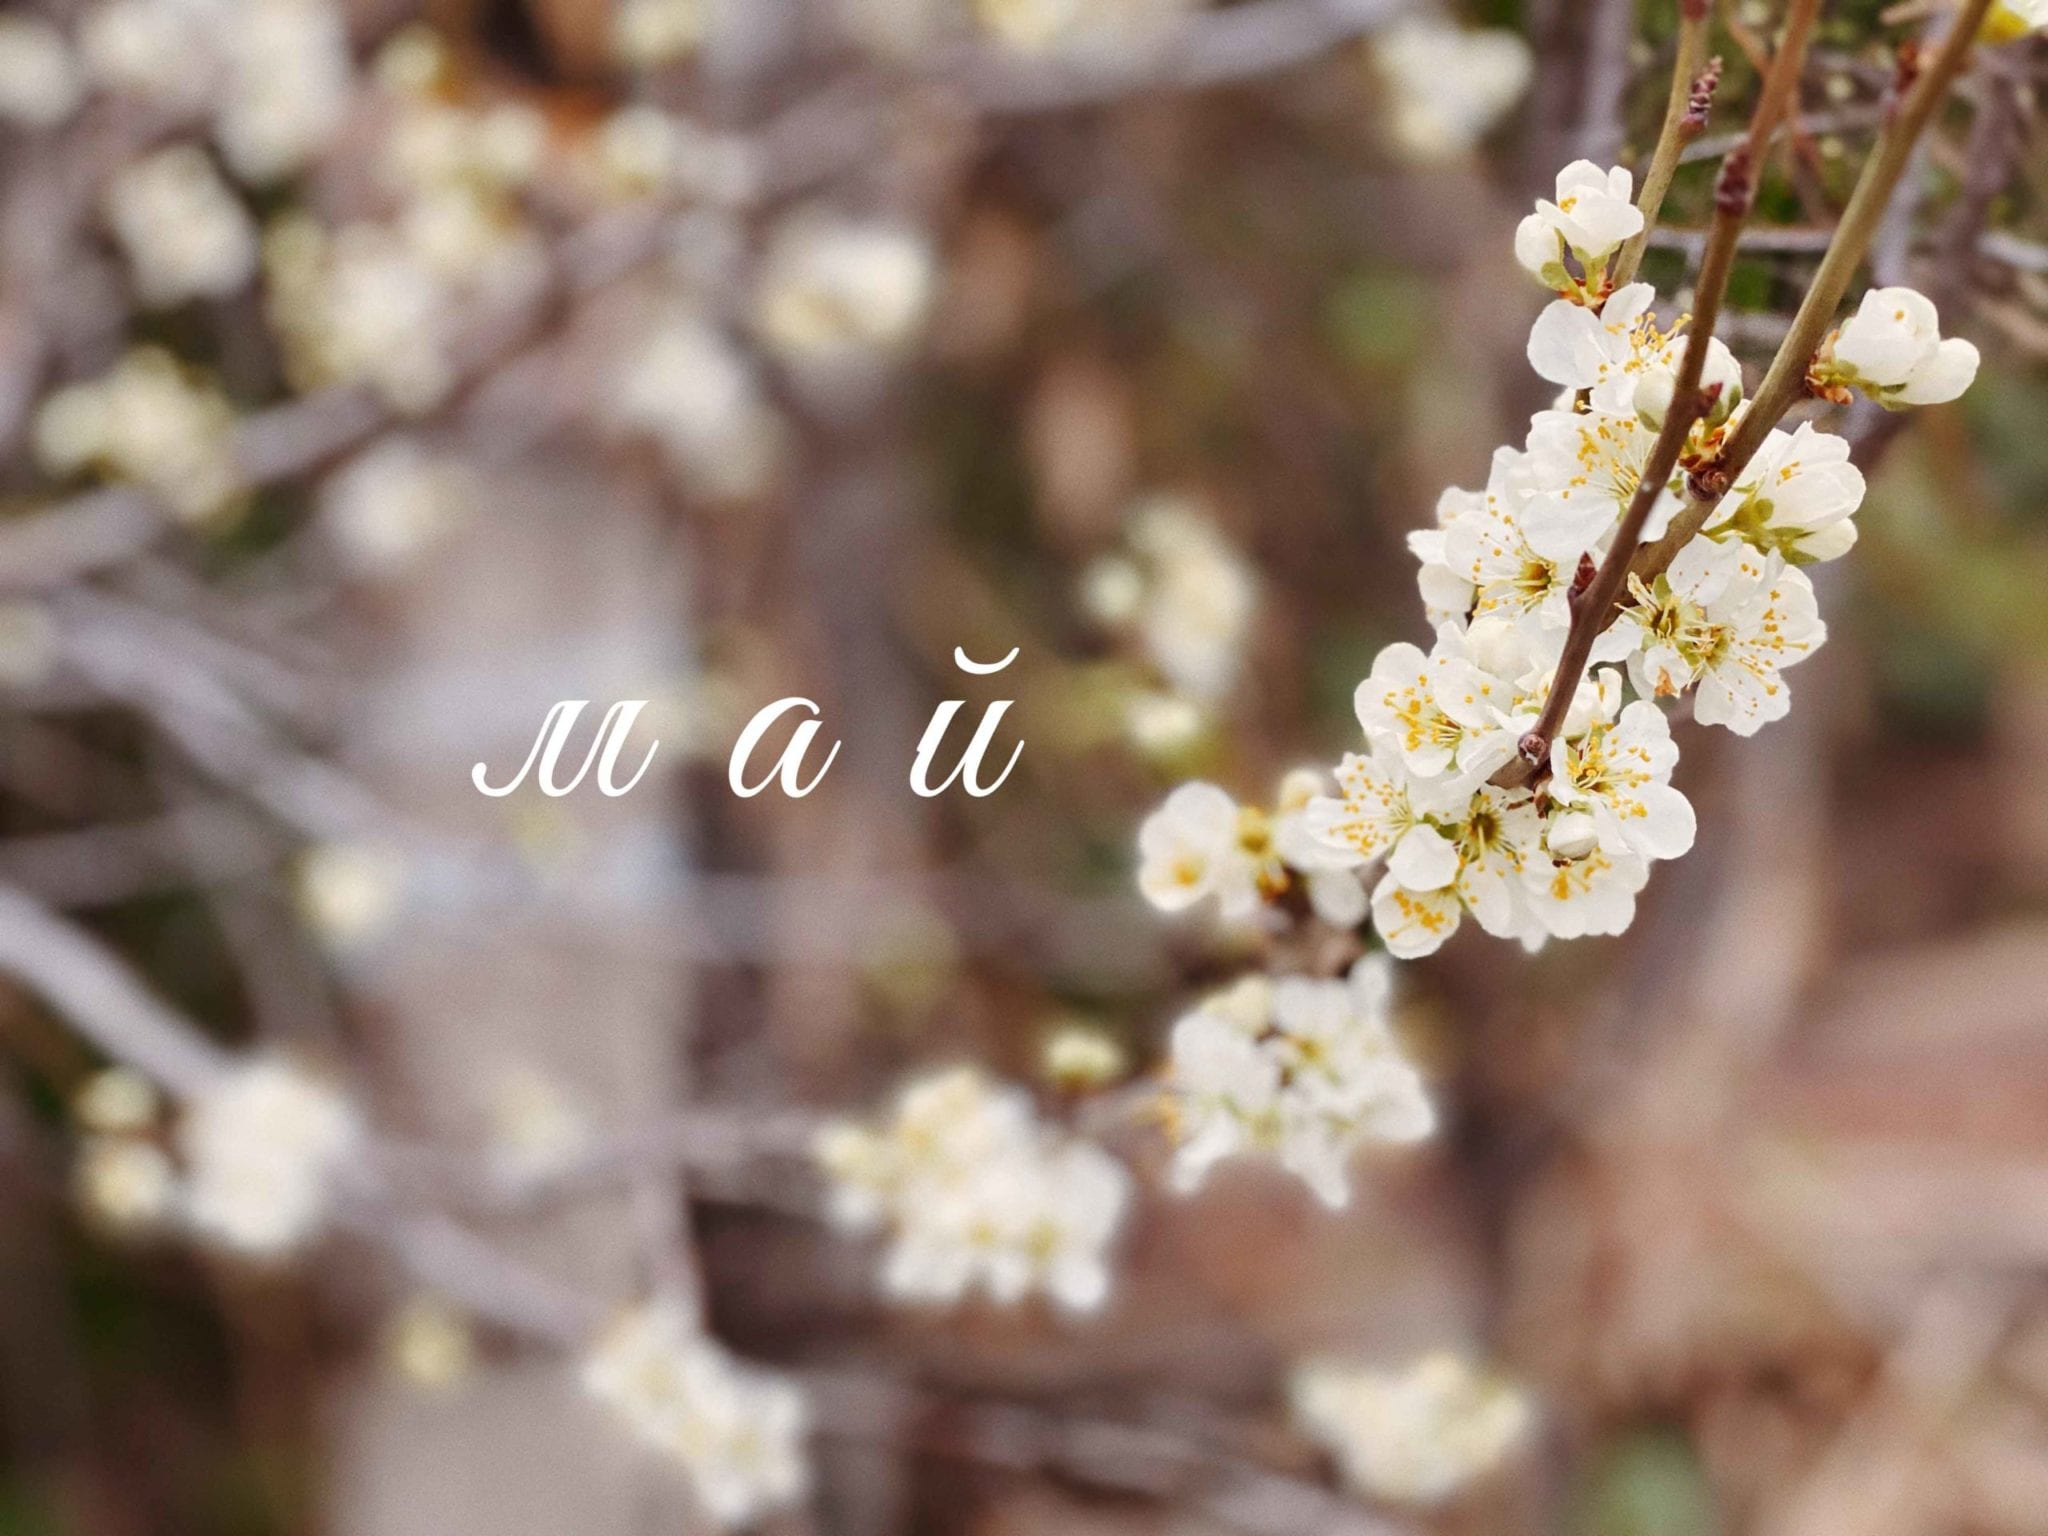 Значение имени май: что означает, происхождение, характеристика и тайна имени